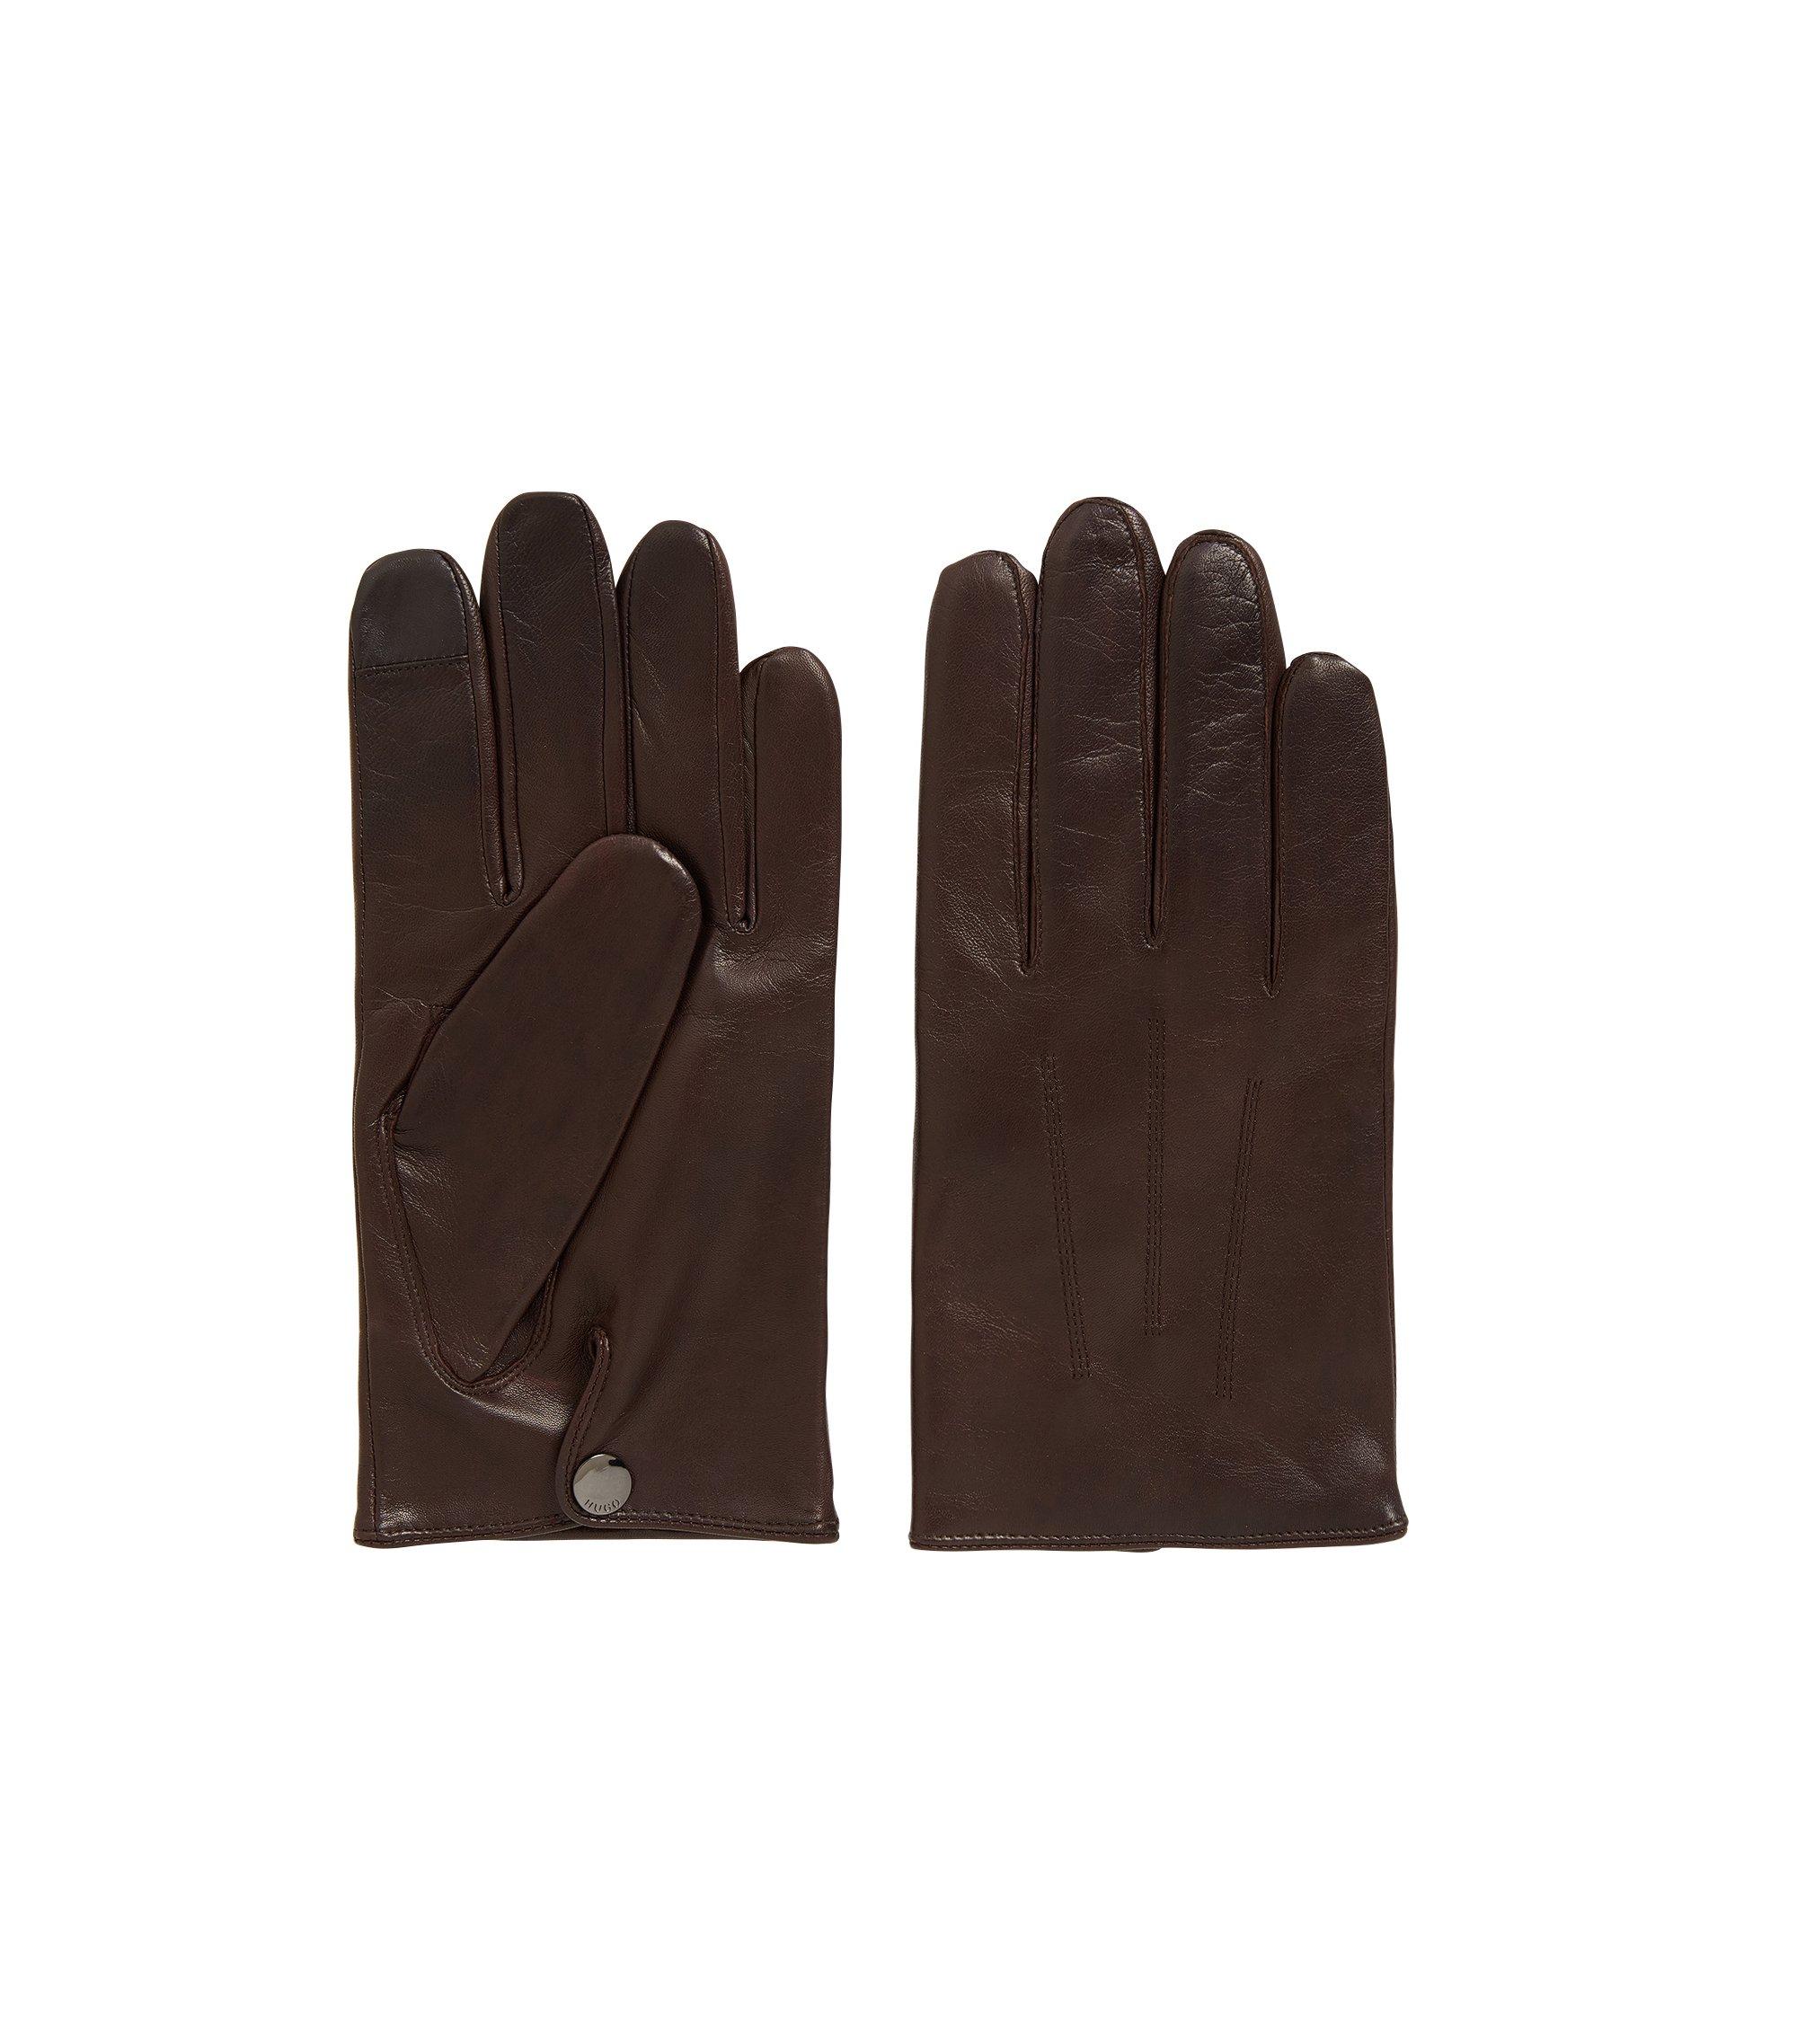 Touchscreen-Handschuhe aus Nappaleder mit Innenfutter aus Kaschmir, Dunkelbraun